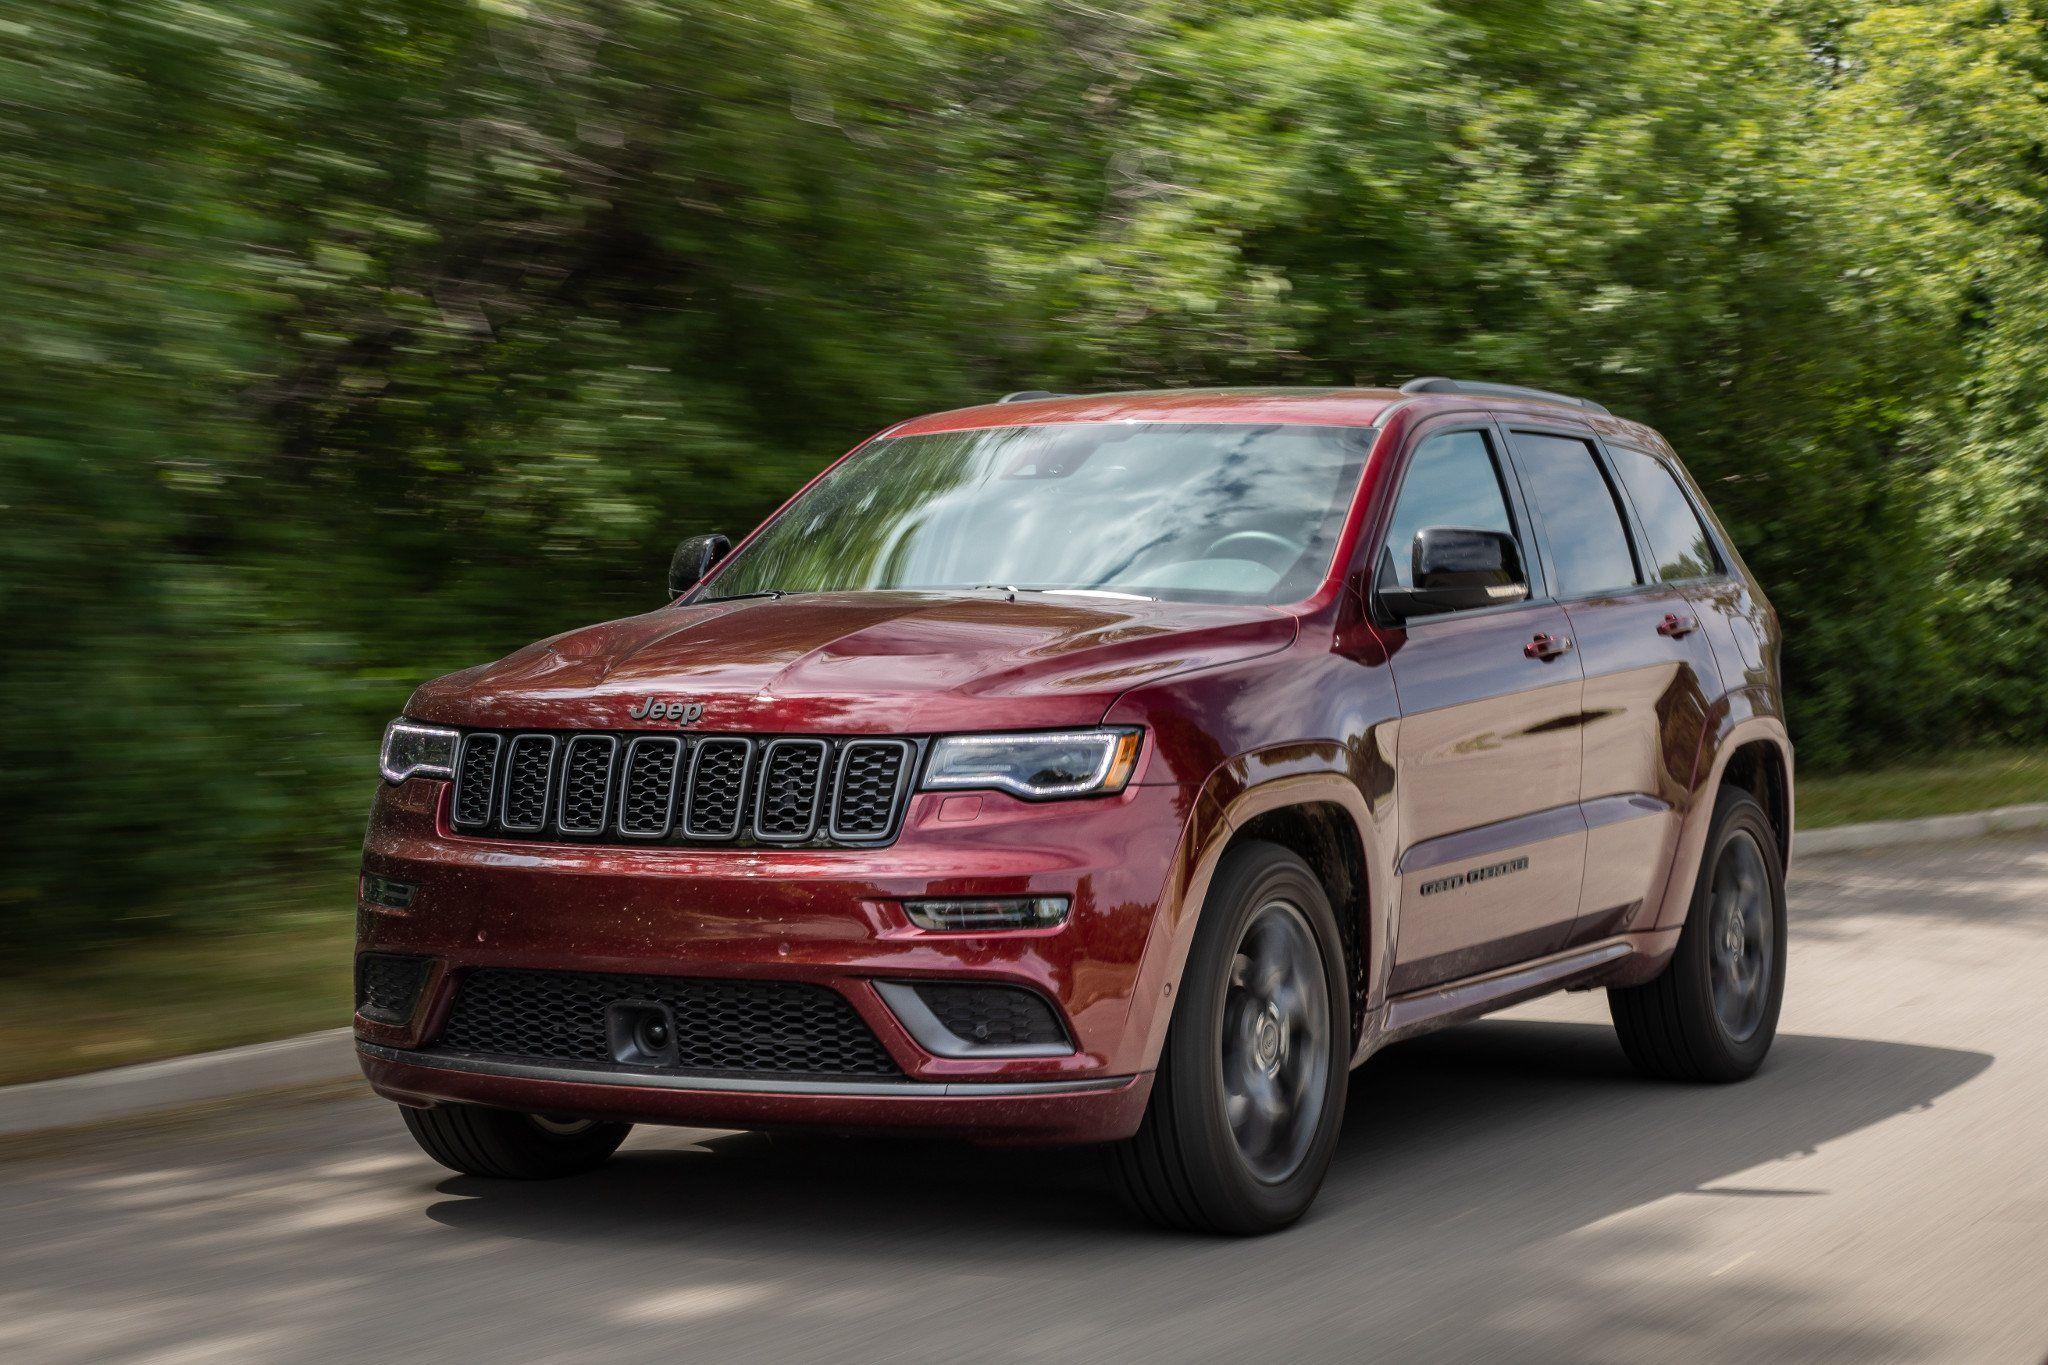 2021 Grand Cherokee Performance Grand Cherokee Overland Jeep Grand Cherokee Srt New Jeep Grand Cherokee